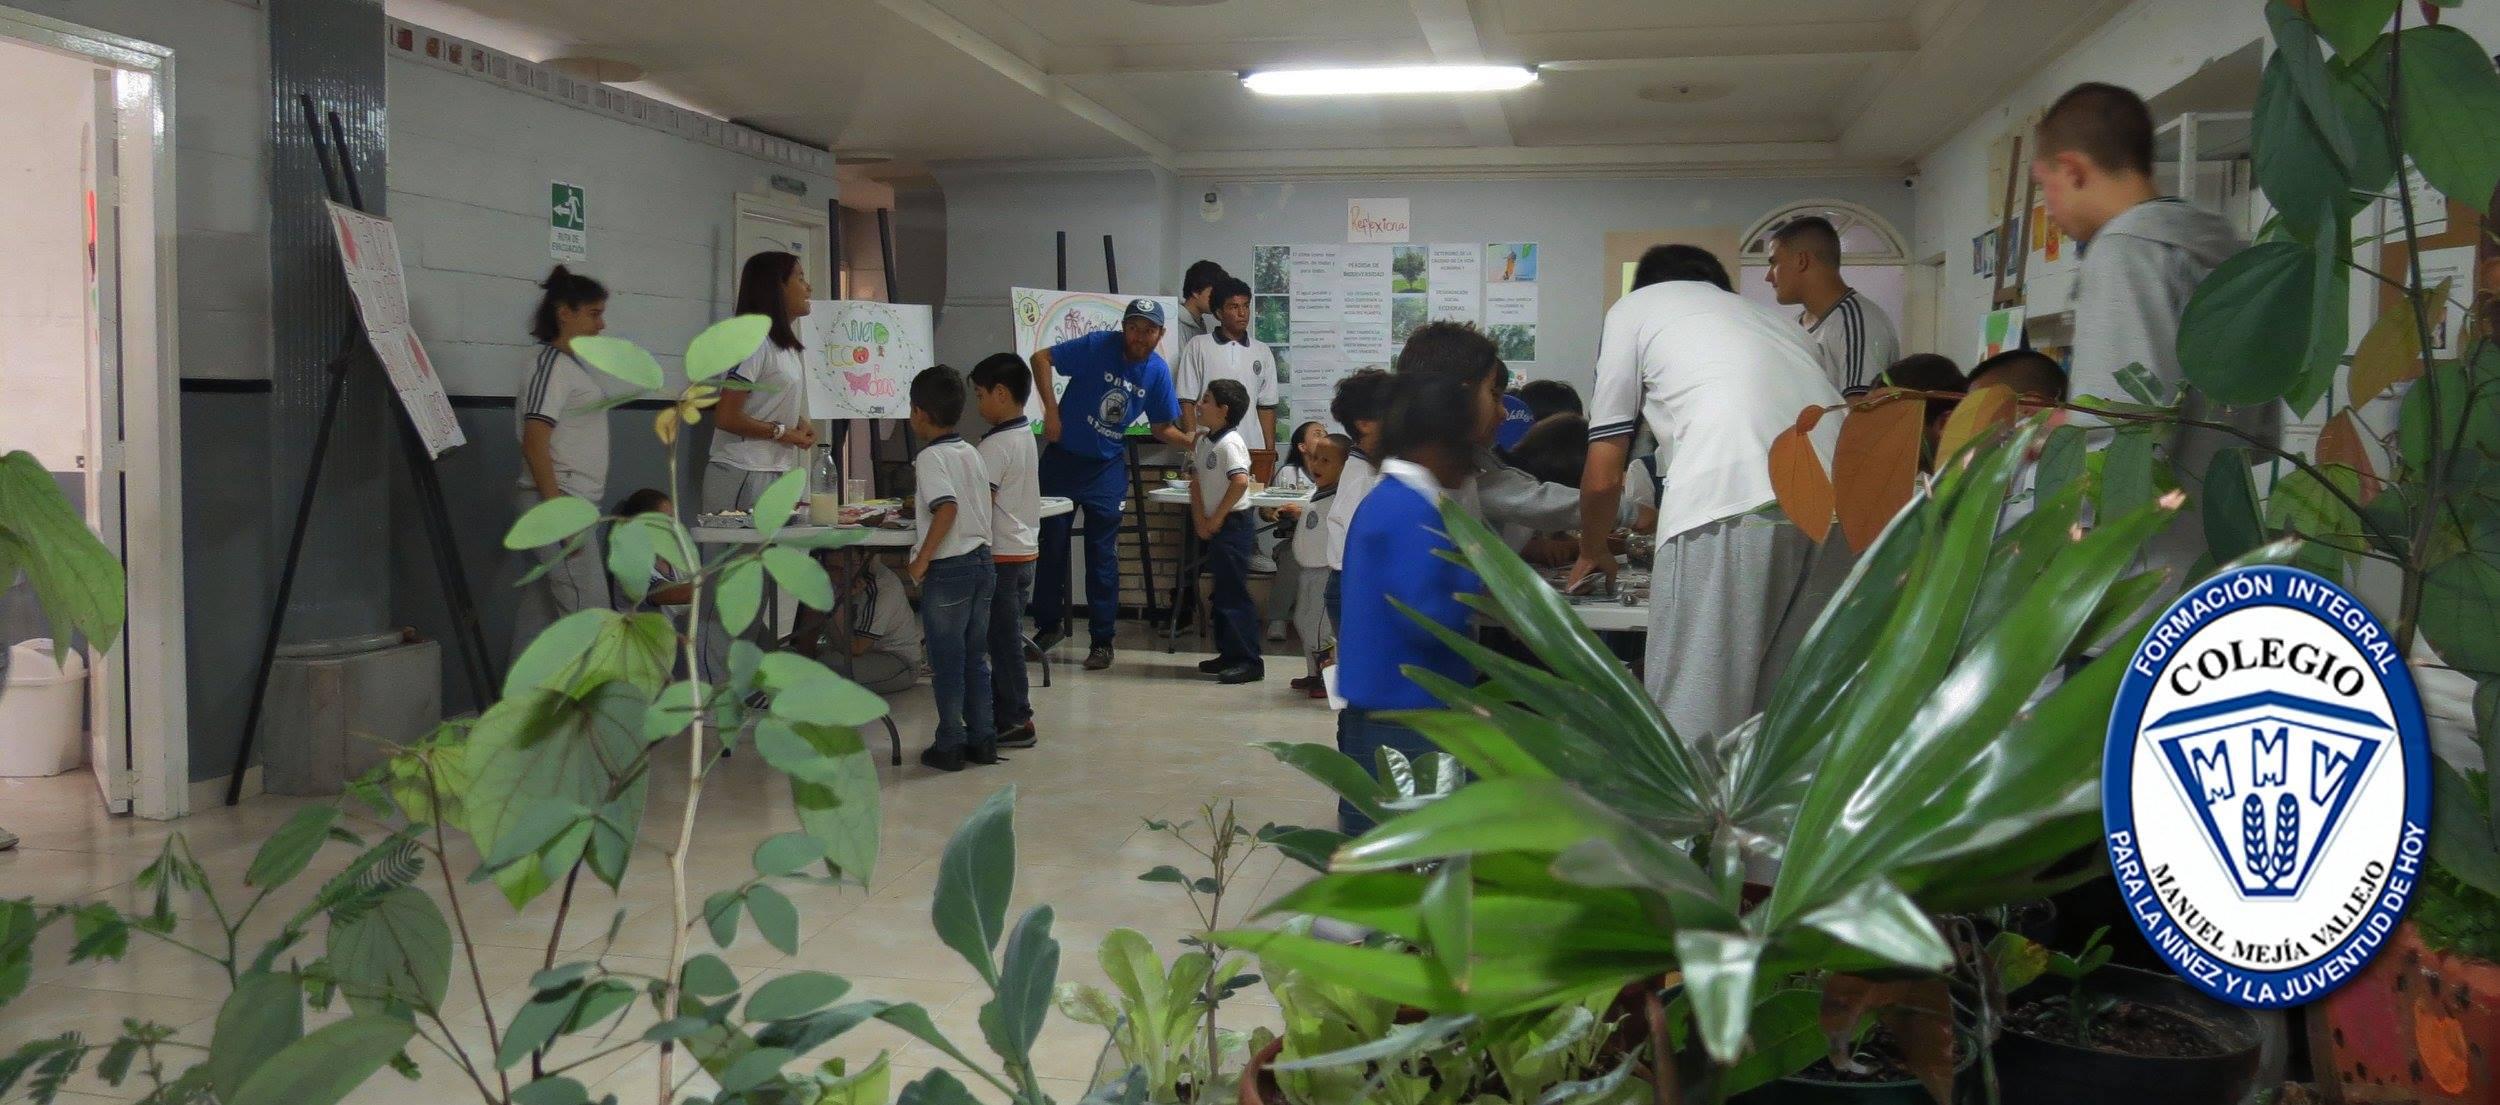 Lanzamiento del Vivero Ecoideas 2017